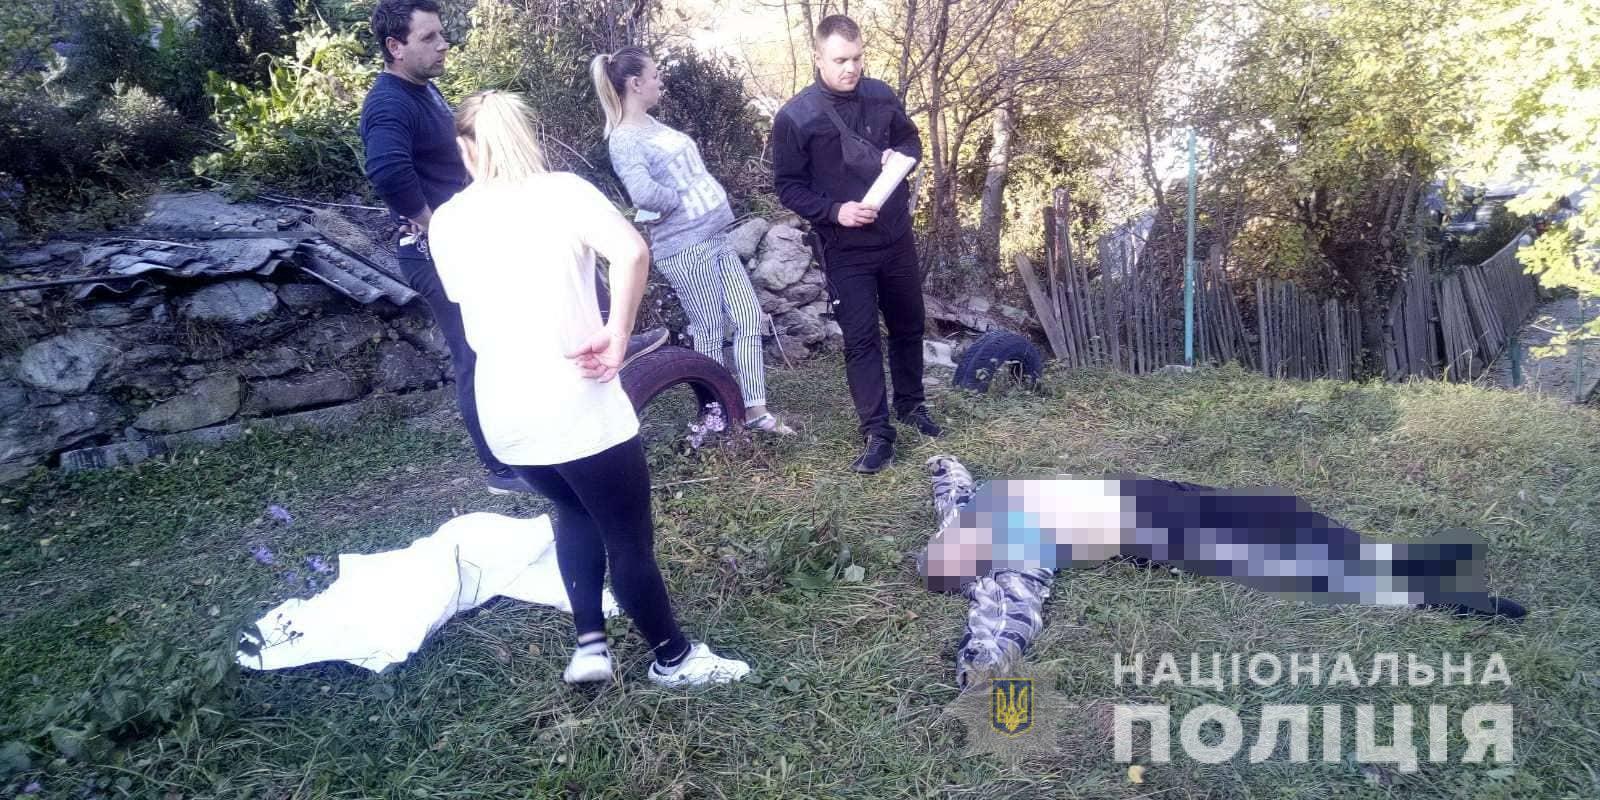 Жорстоке вбивство: На Рахівщині неповнолітній внук вбив дідуся